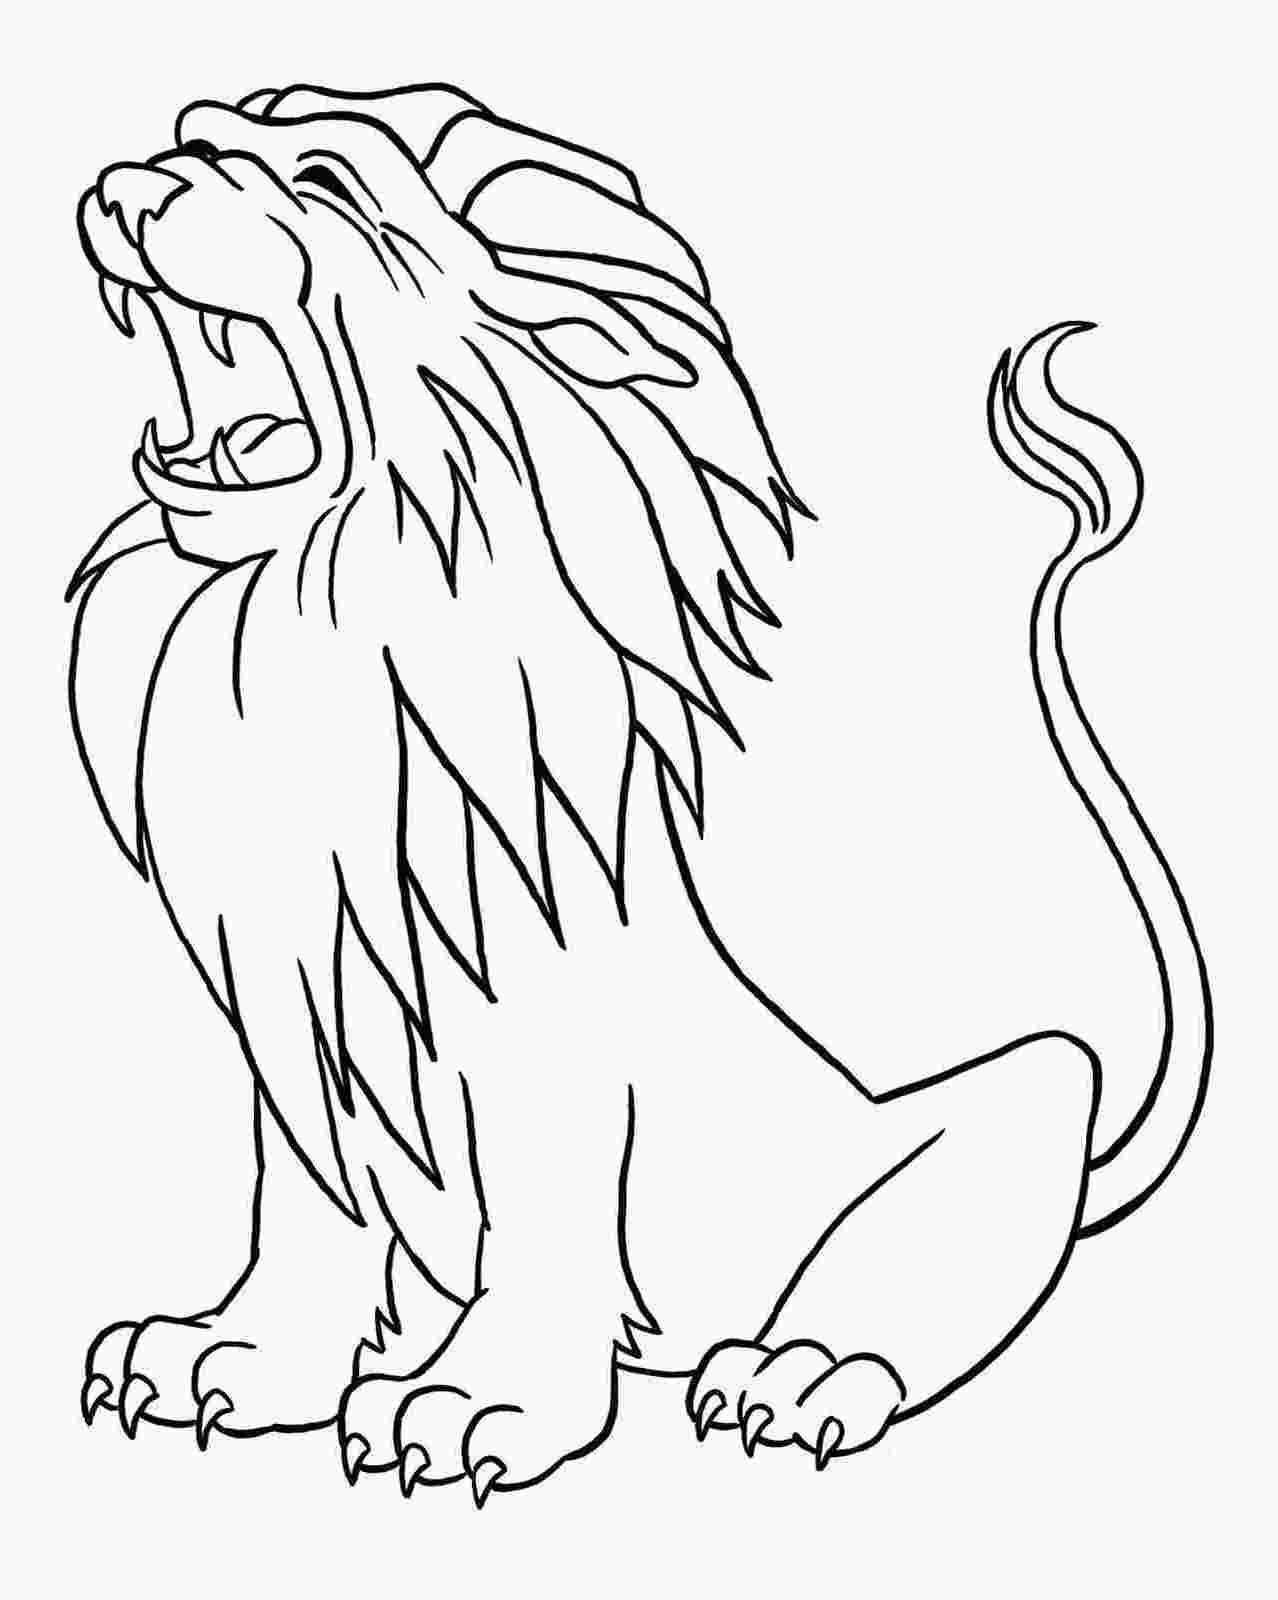 kleurplaat-leeuw-06